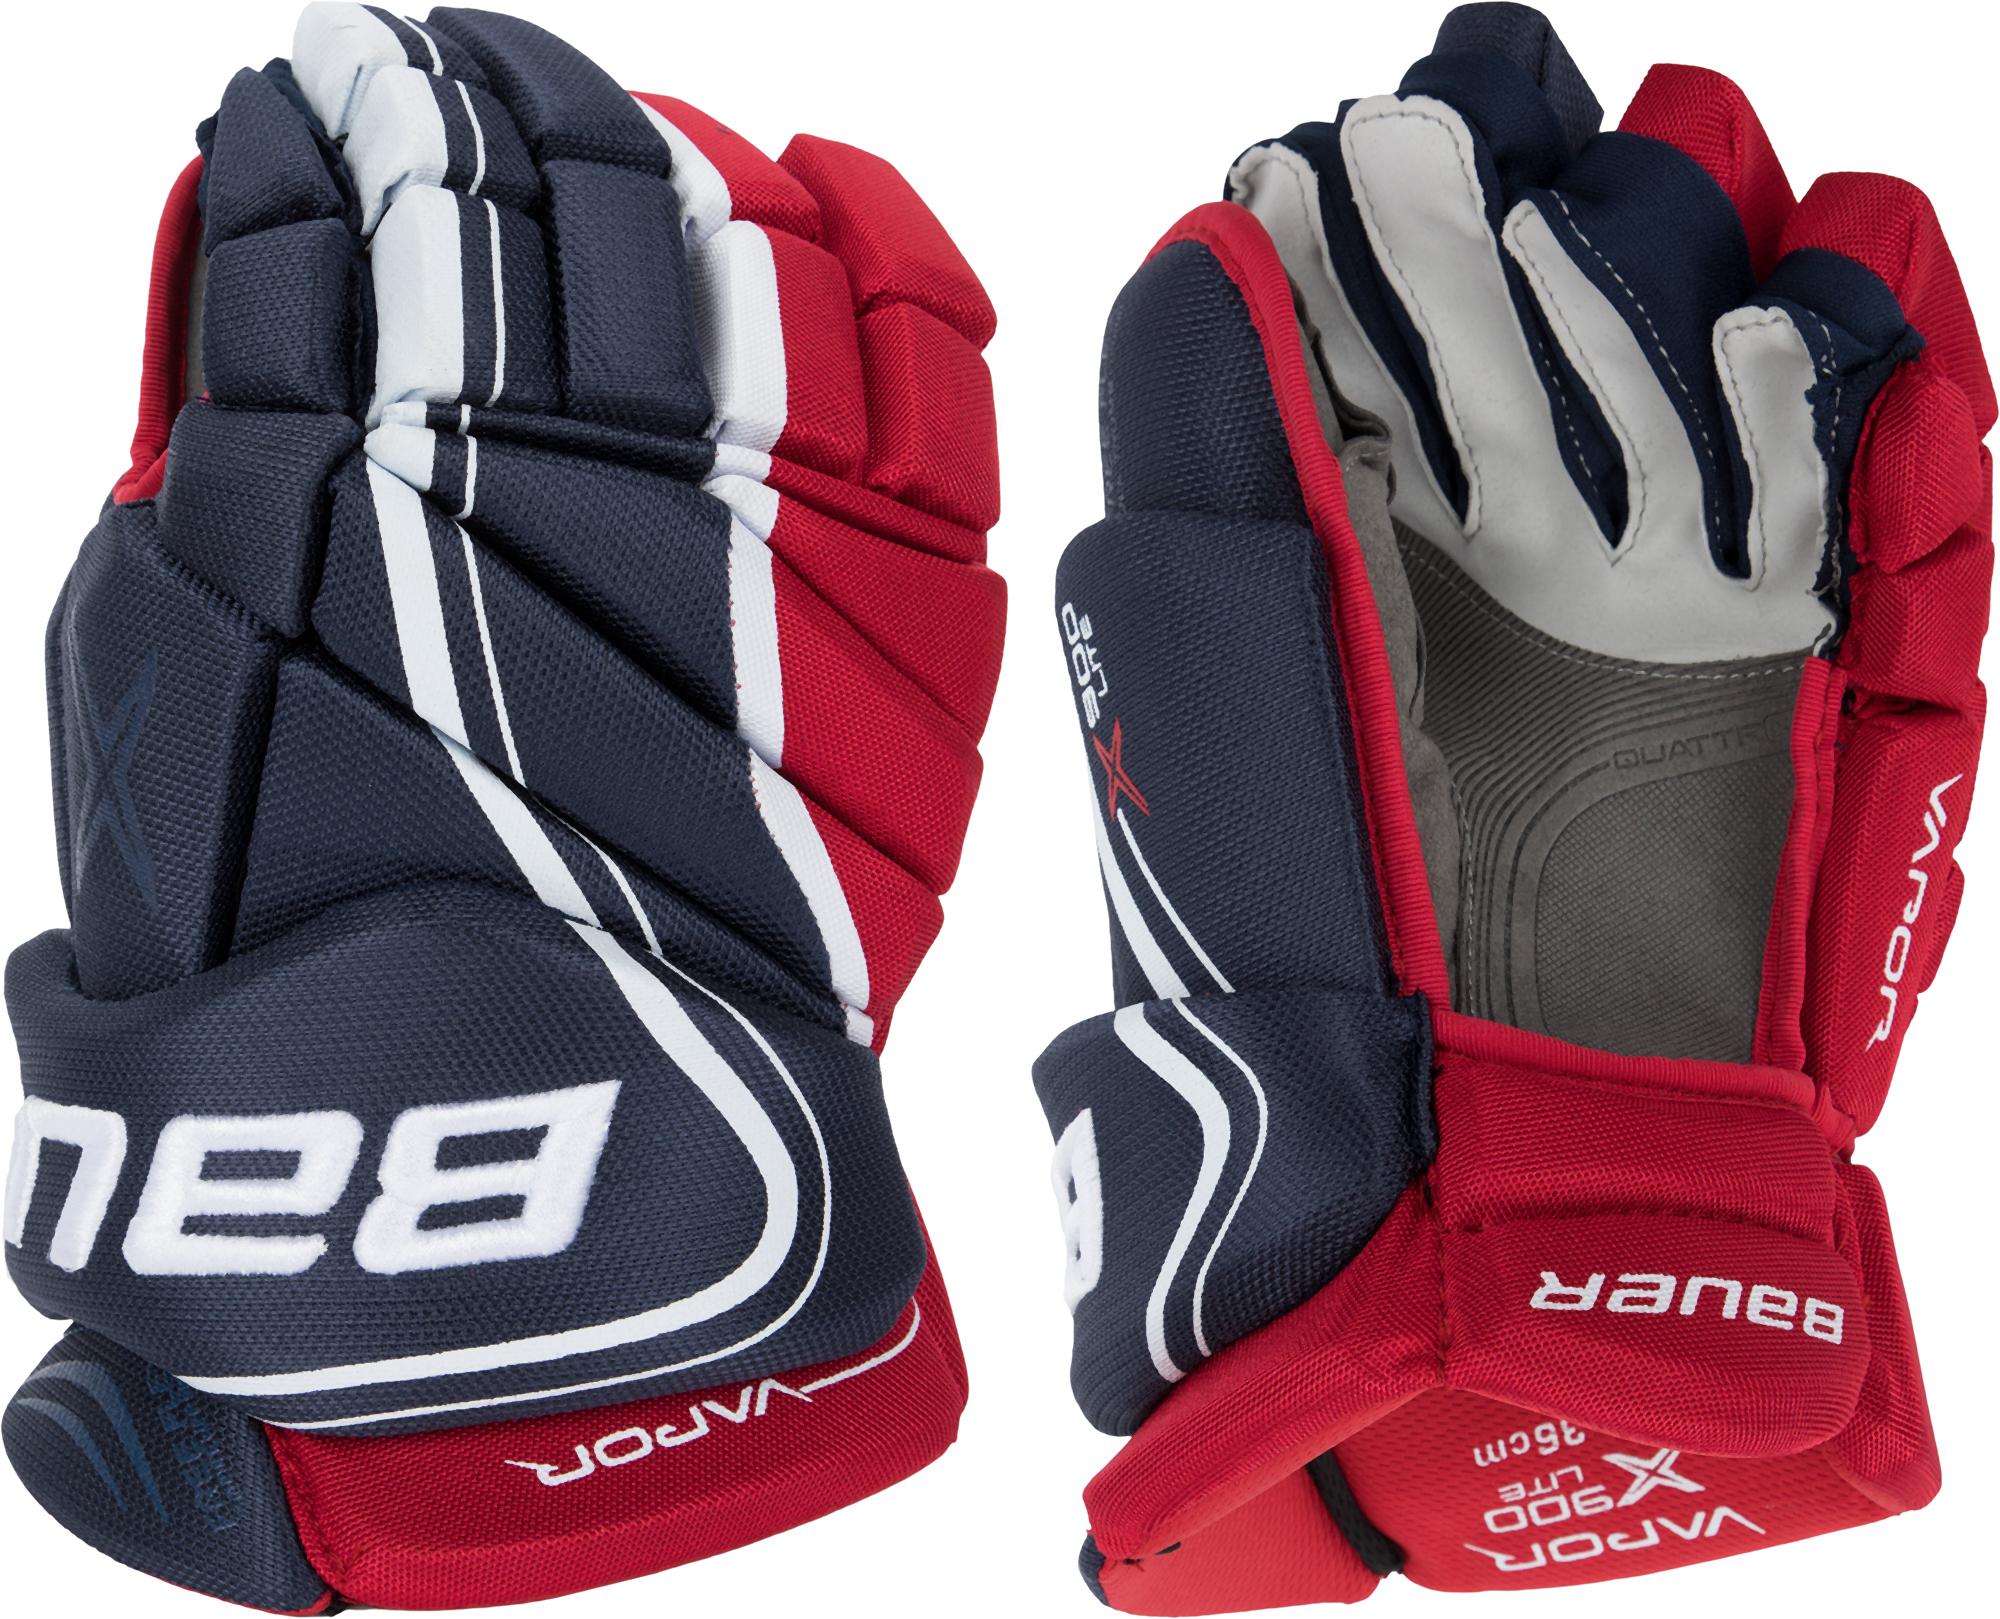 Bauer Перчатки хоккейные Bauer VAPOR X900 LITE - SR защита bauer шорты bauer x900 взрослые